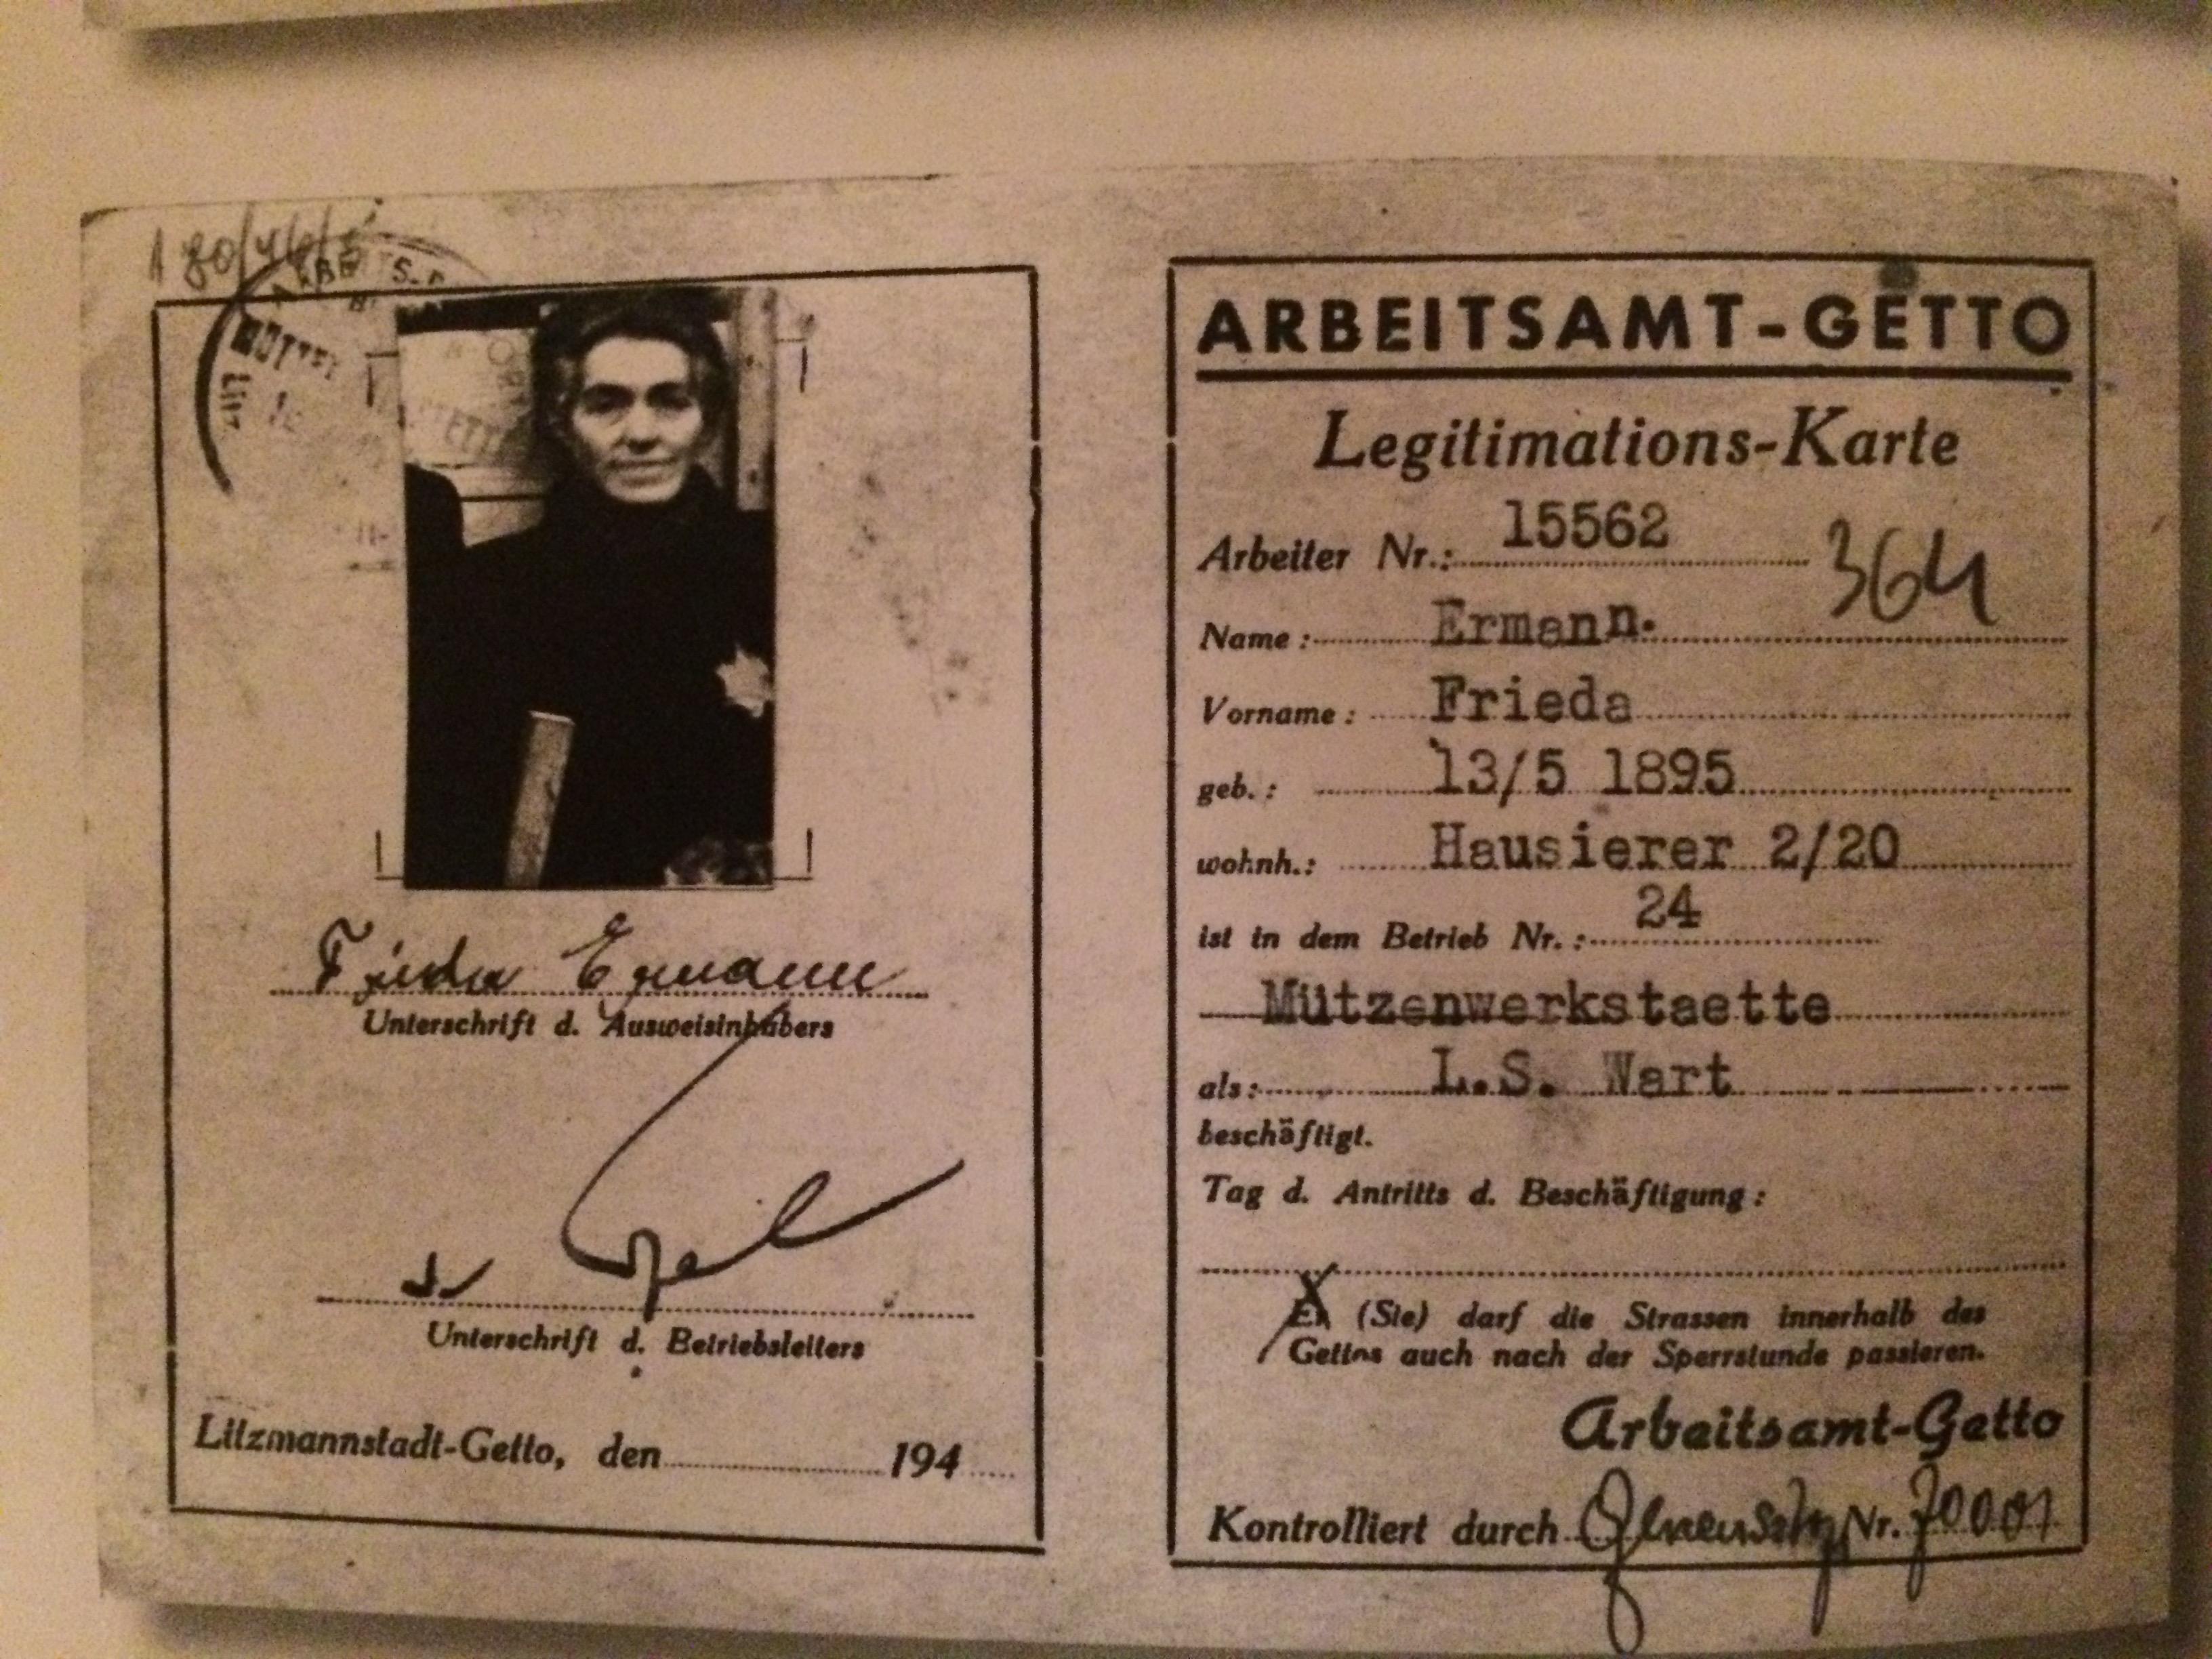 Frieda arbets ID